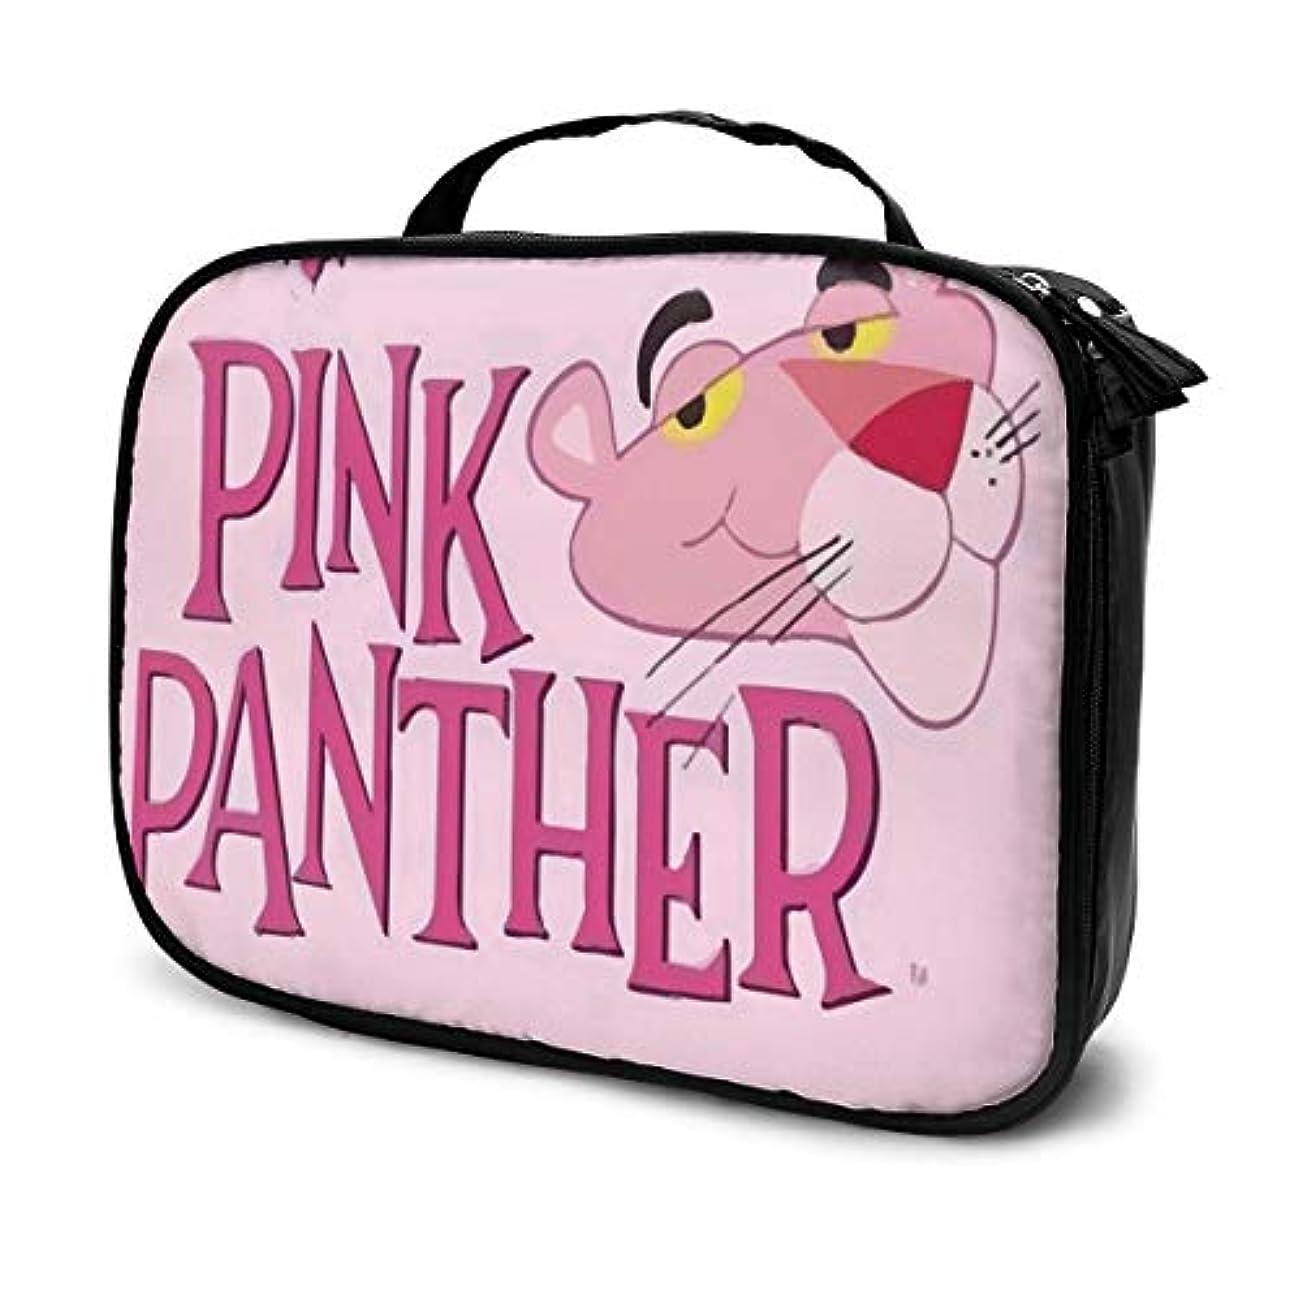 エレクトロニックアイザック恵みピンクパンサー 化粧ポーチ 大容量 コンパクト収納 旅行で持ち運びが簡単 おしゃれ 人気